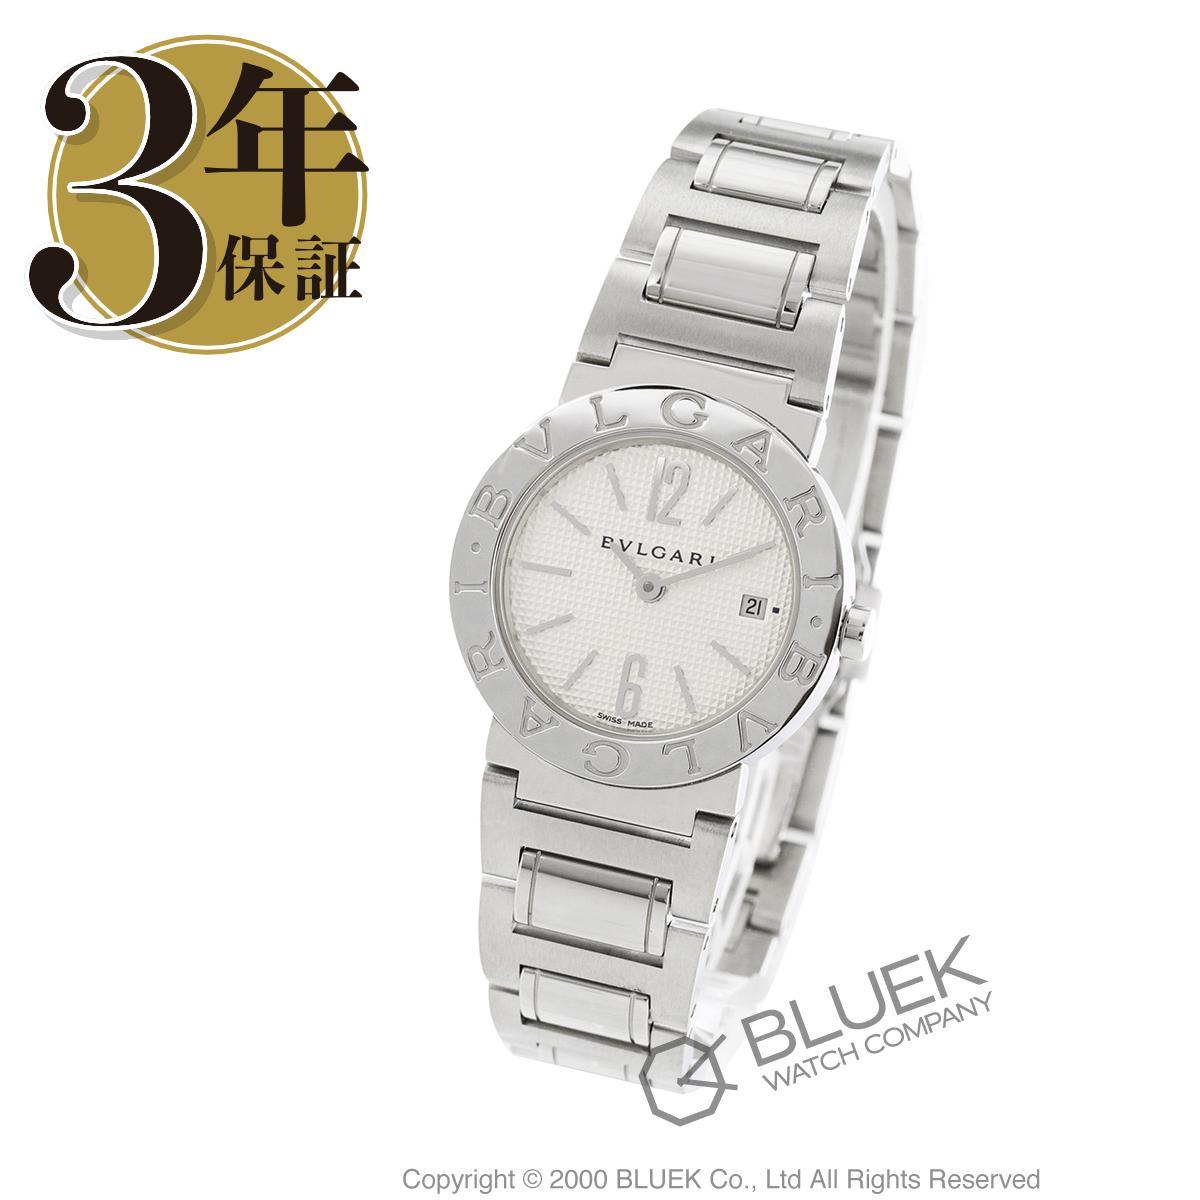 [送料無料][ブルガリ][BB26WSSD][BVLGARI][時計][新品] 【12/15~12/23限定!3,000円OFFクーポン対象】ブルガリ ブルガリブルガリ 腕時計 レディース BVLGARI BB26WSSD_8